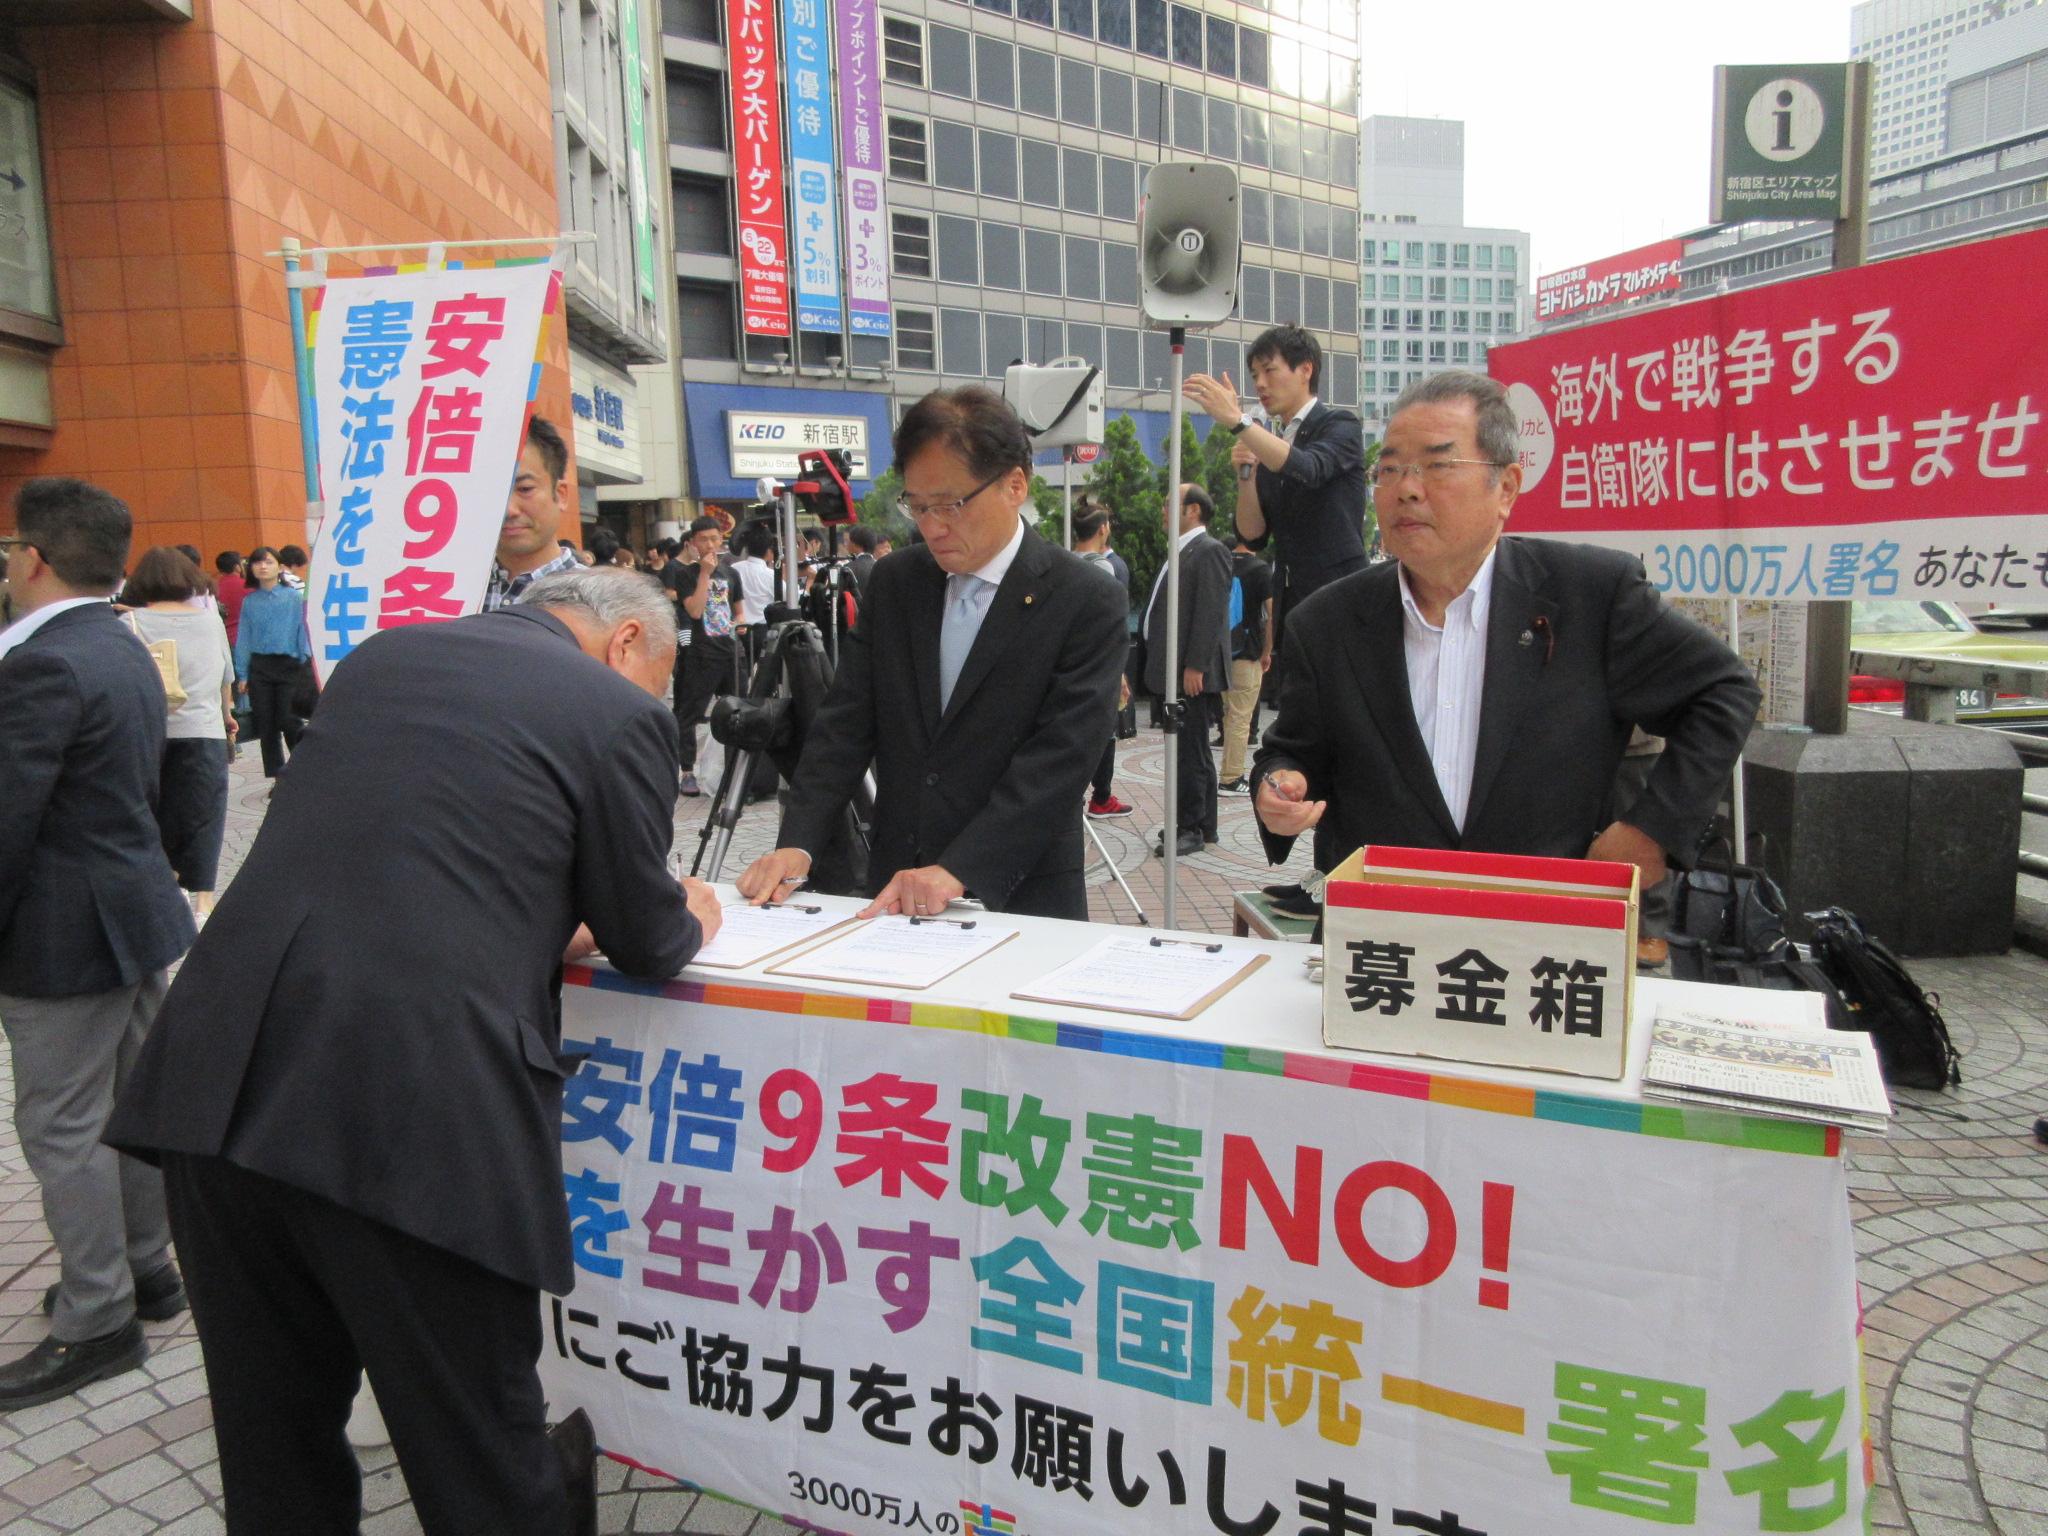 http://www.inoue-satoshi.com/diary/IMG_4908.JPG